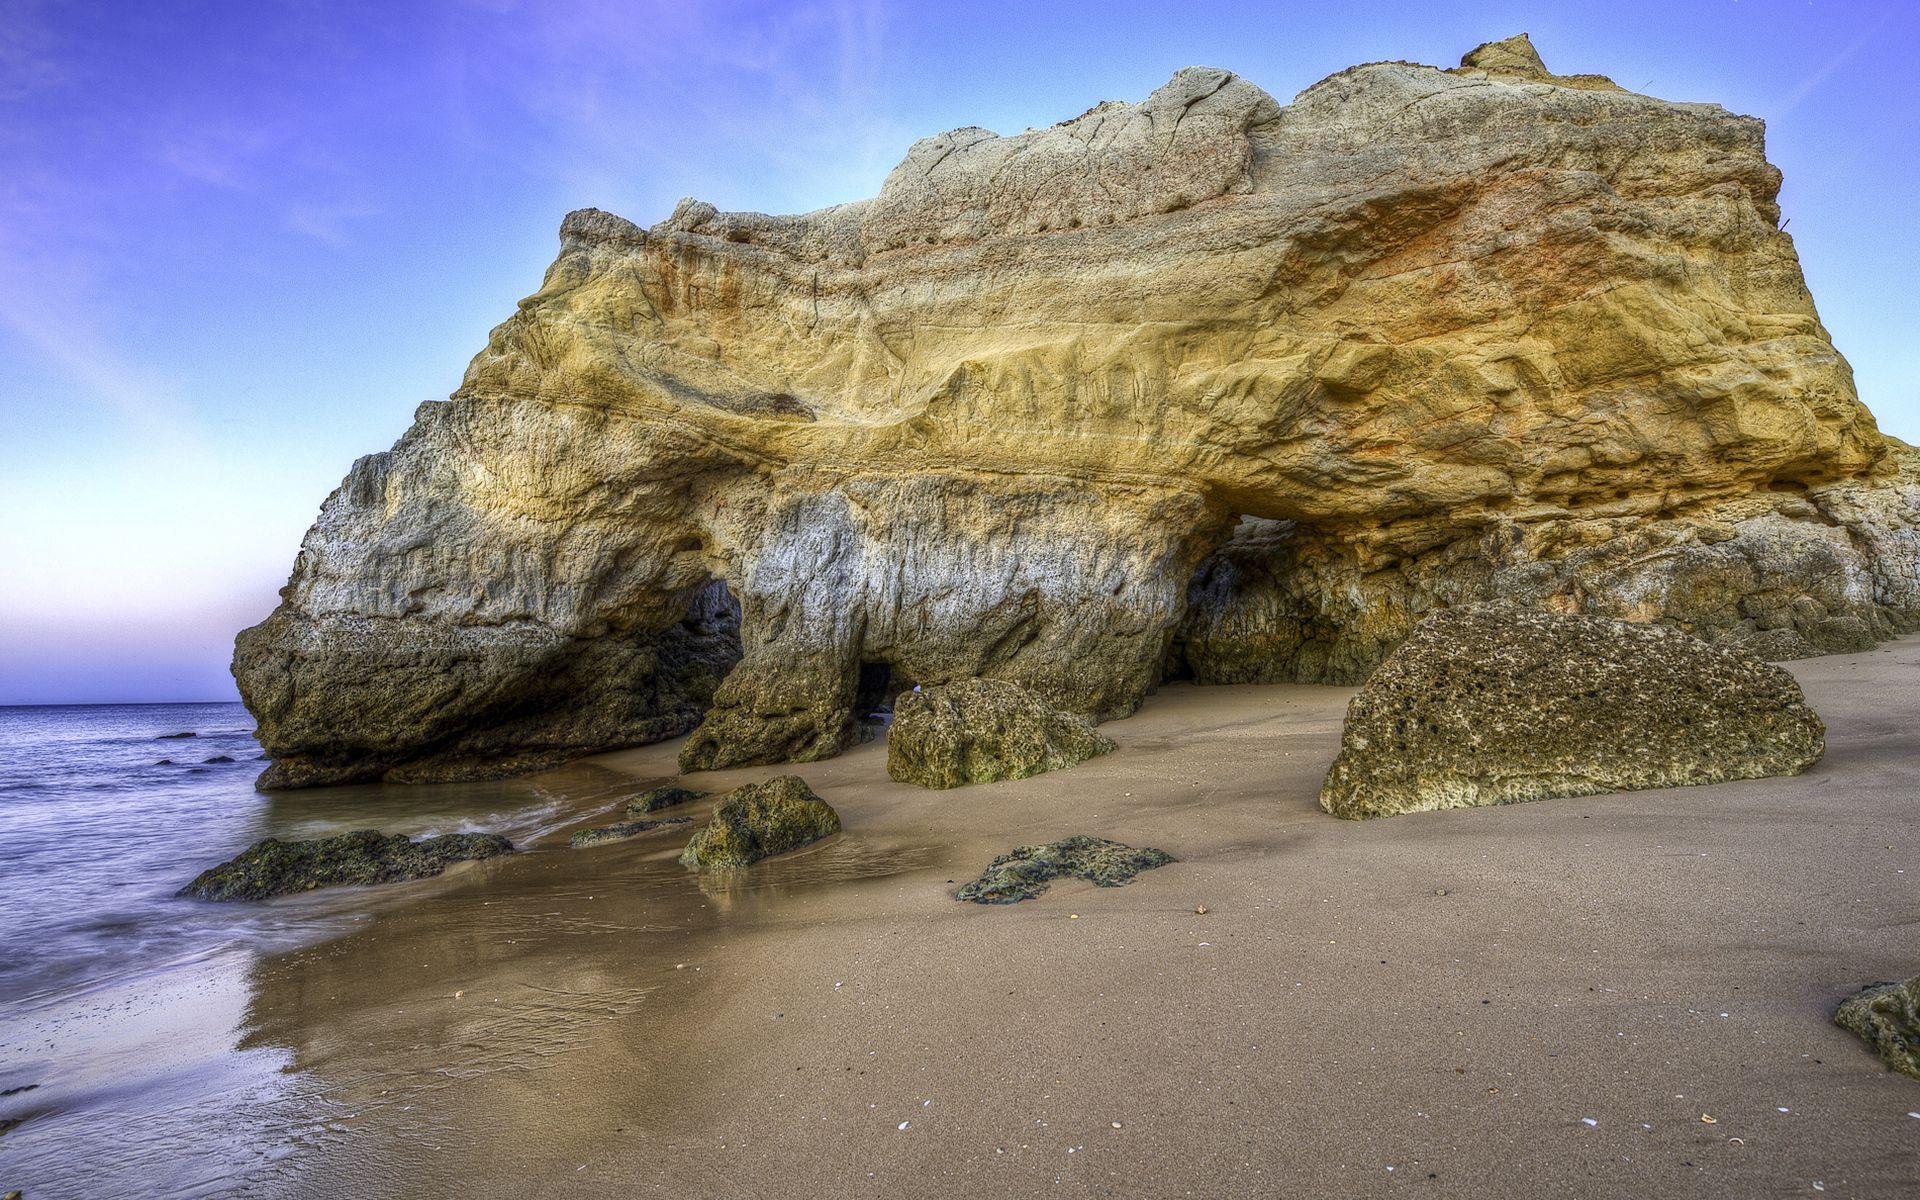 Beliebte Sand Bilder für Mobiltelefone